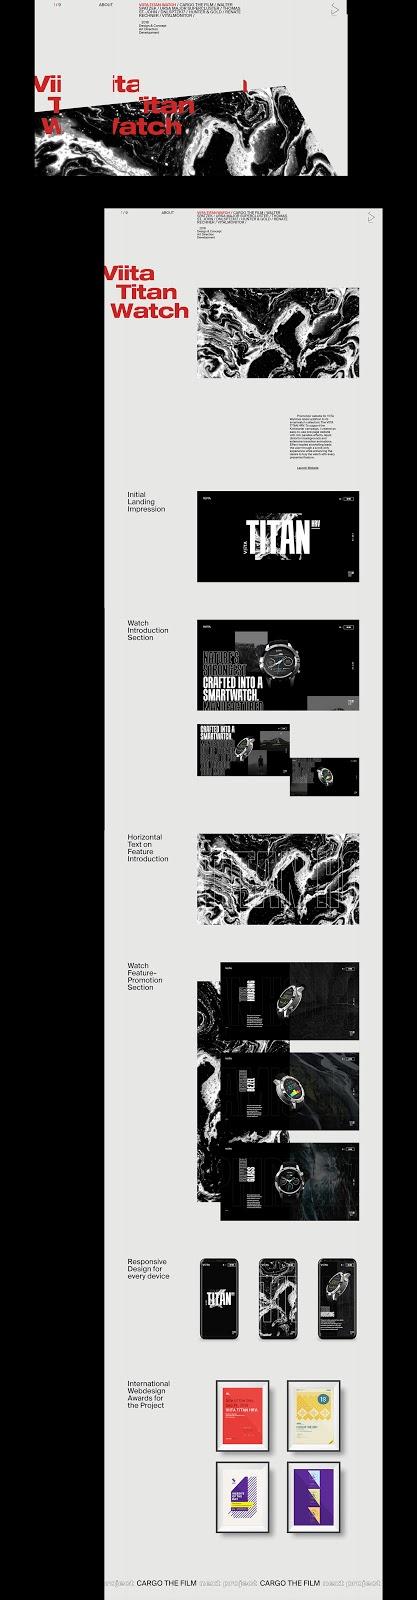 90 s look in web design